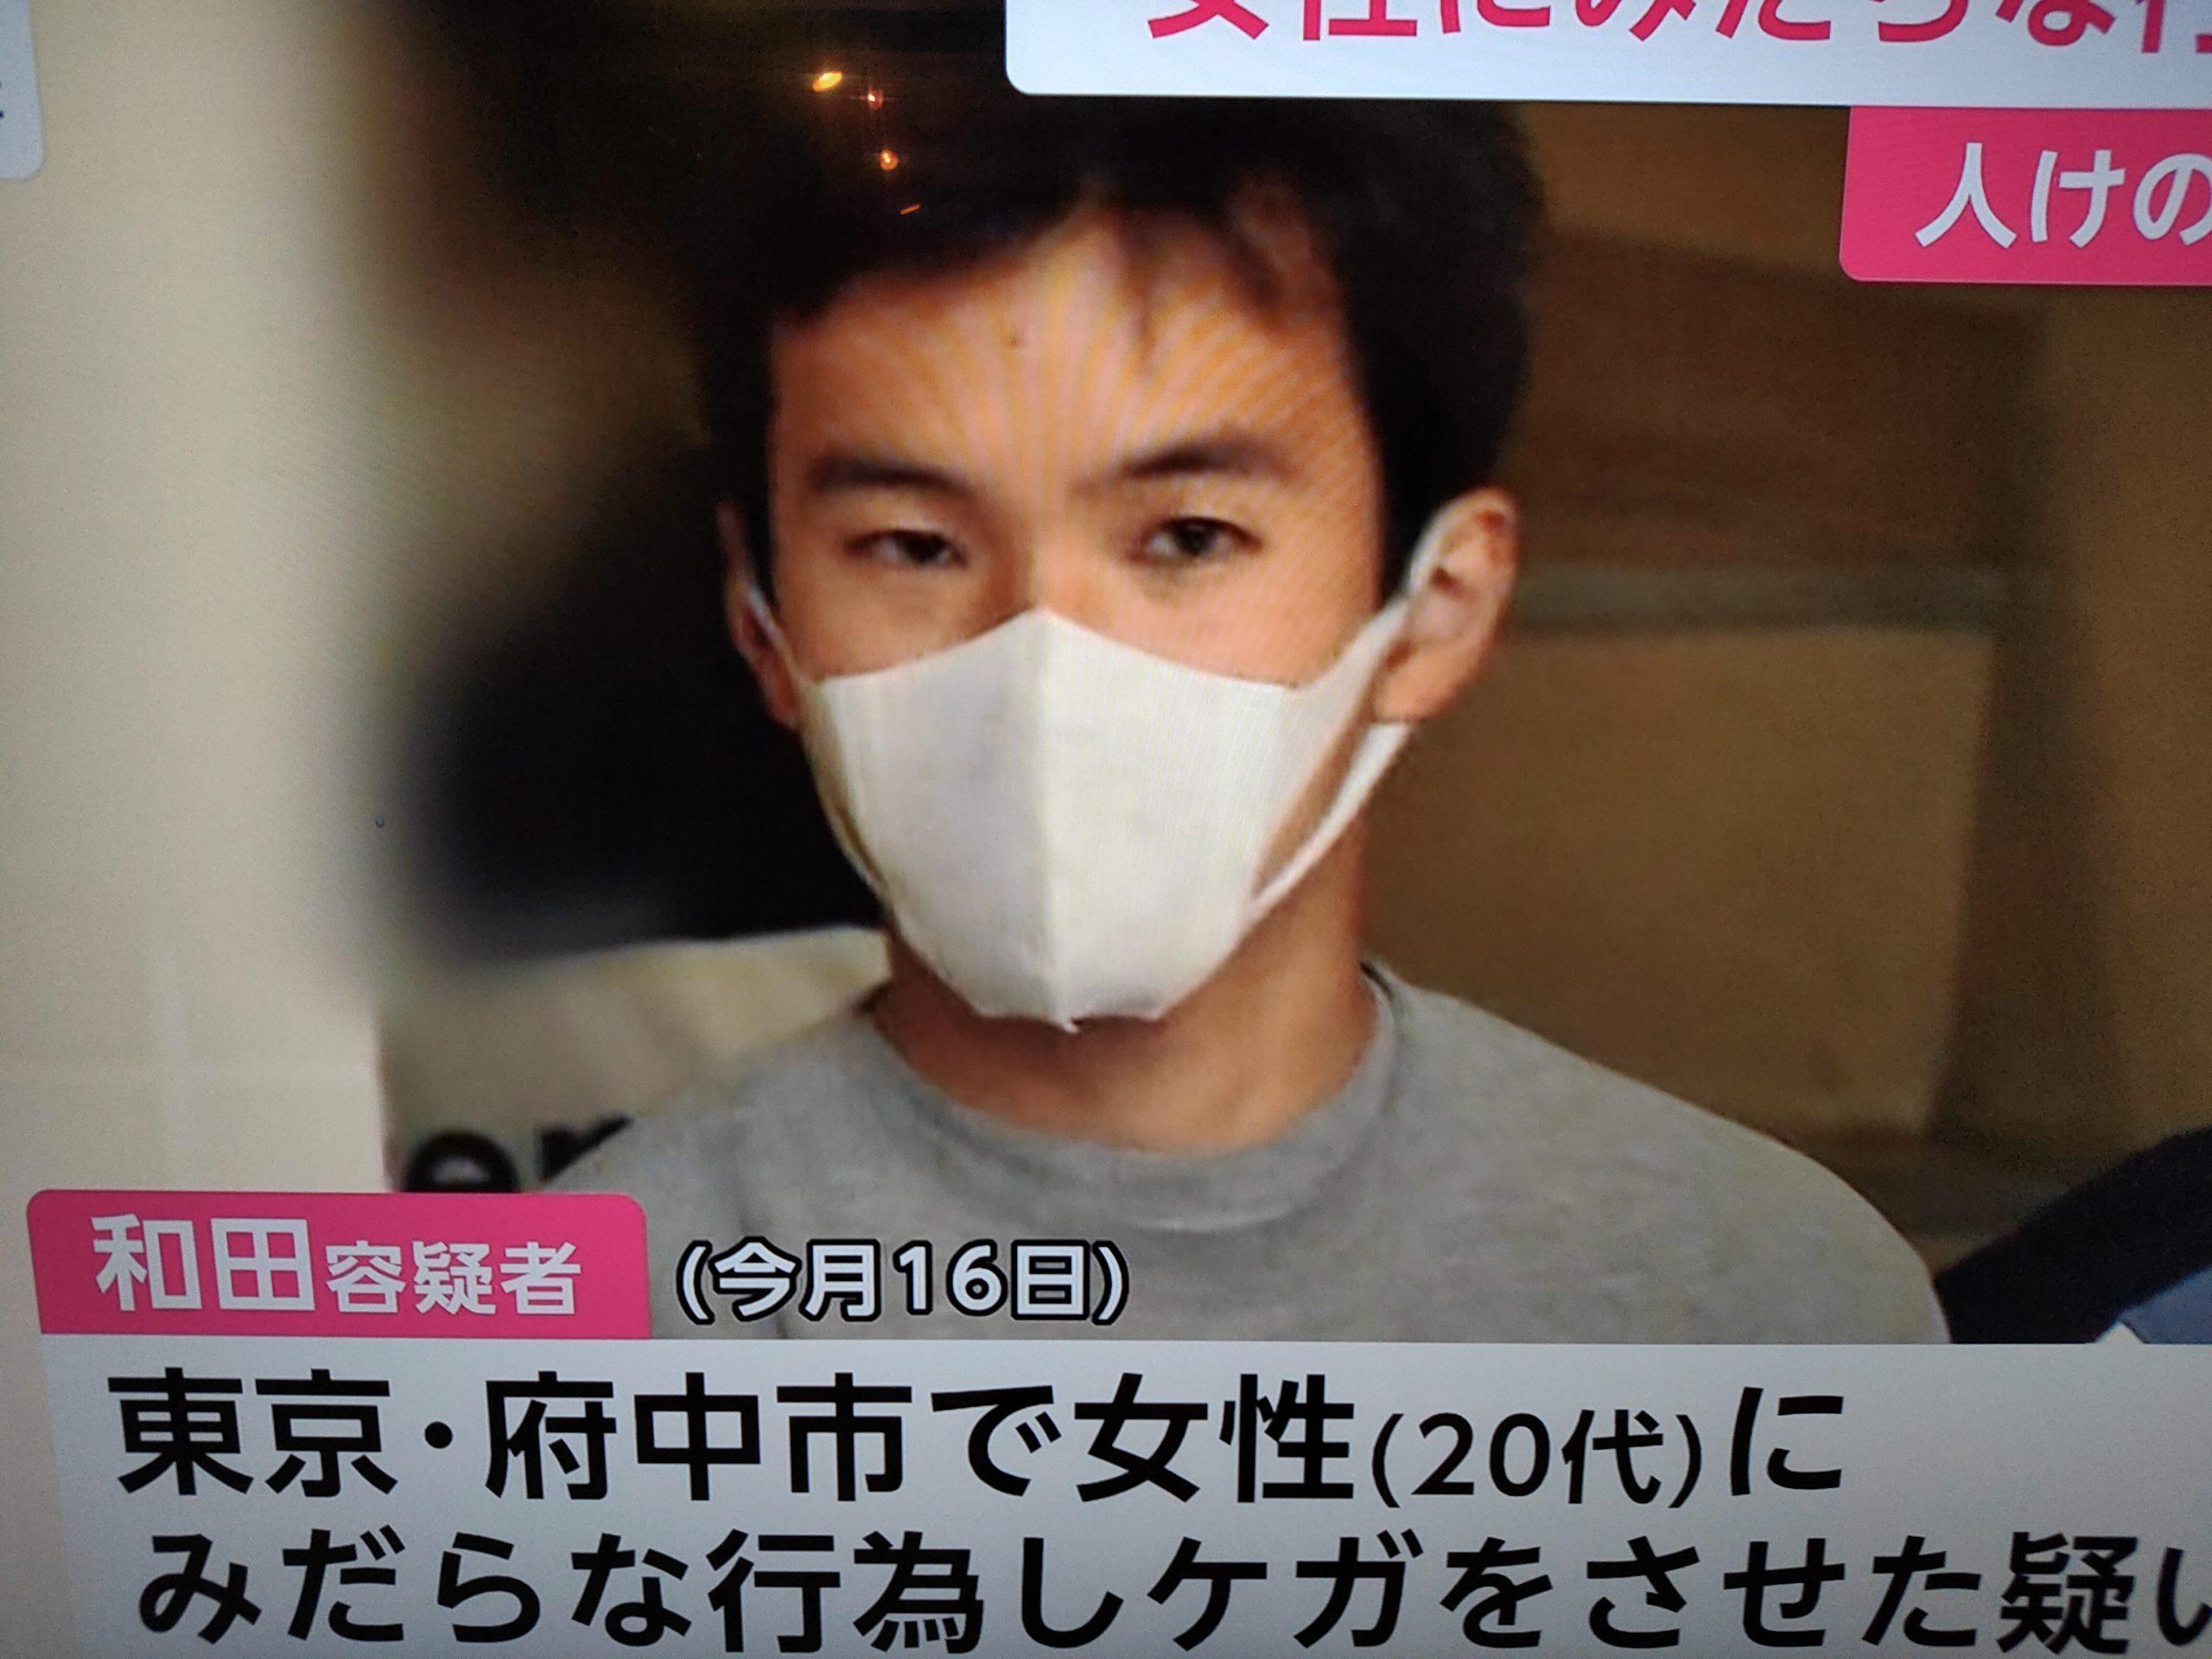 和田隼人容疑者(保育士)Facebook顔画像特定か!勤務先保育園や犯行現場どこ?家族は?